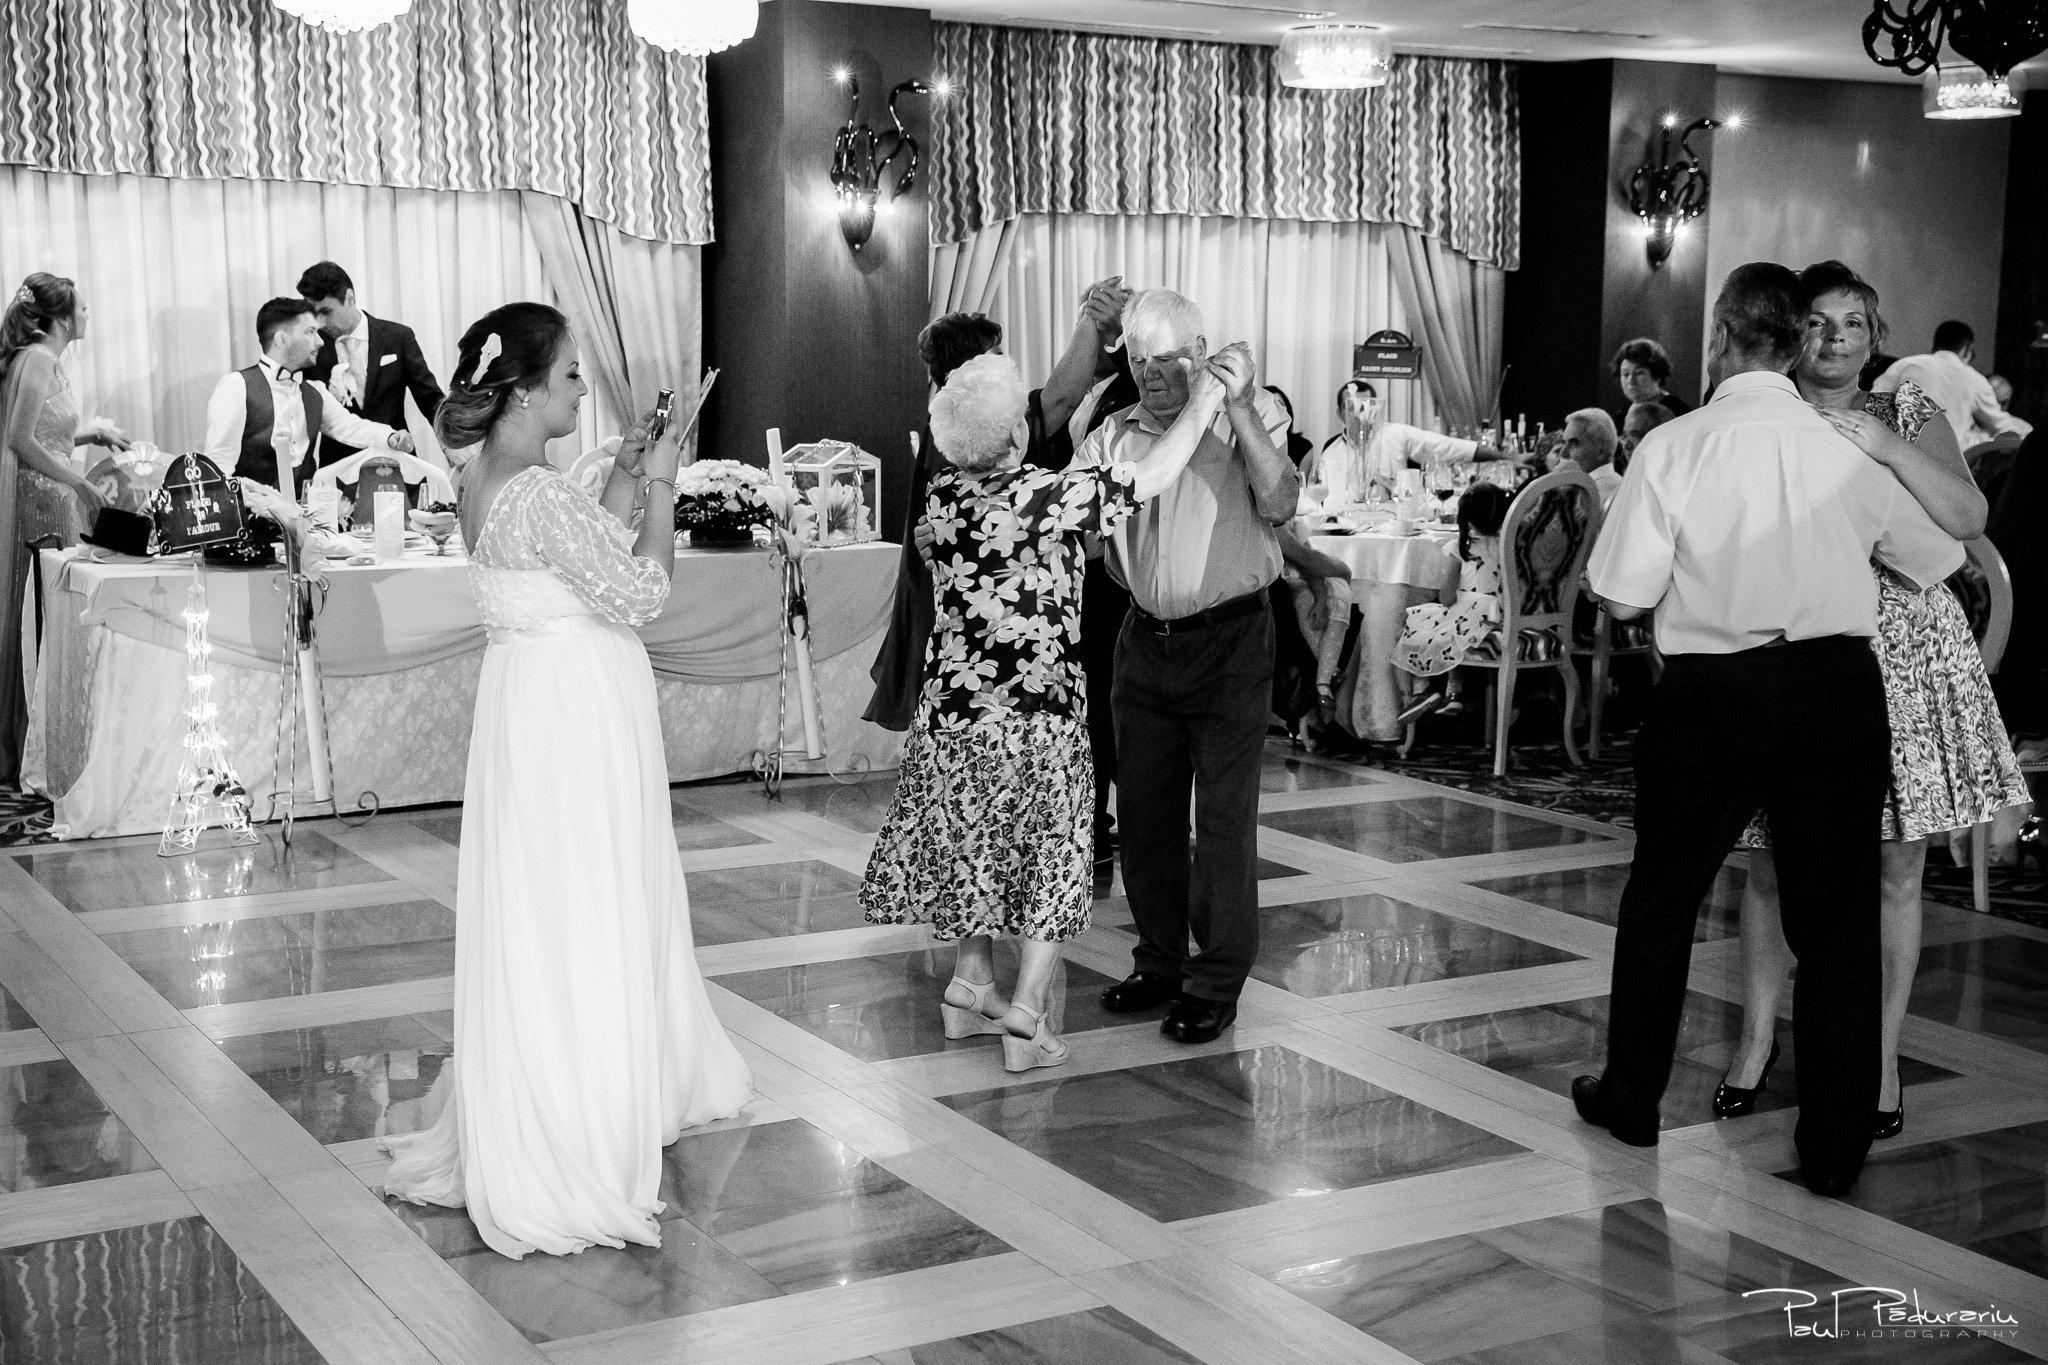 Petrecere la Pleaiada nunta cu tema Paris Ema si Tudor fotograf profesionist de nunta iasi www.paulpadurariu.ro © 2017 Paul Padurariu moment mireasa invitati